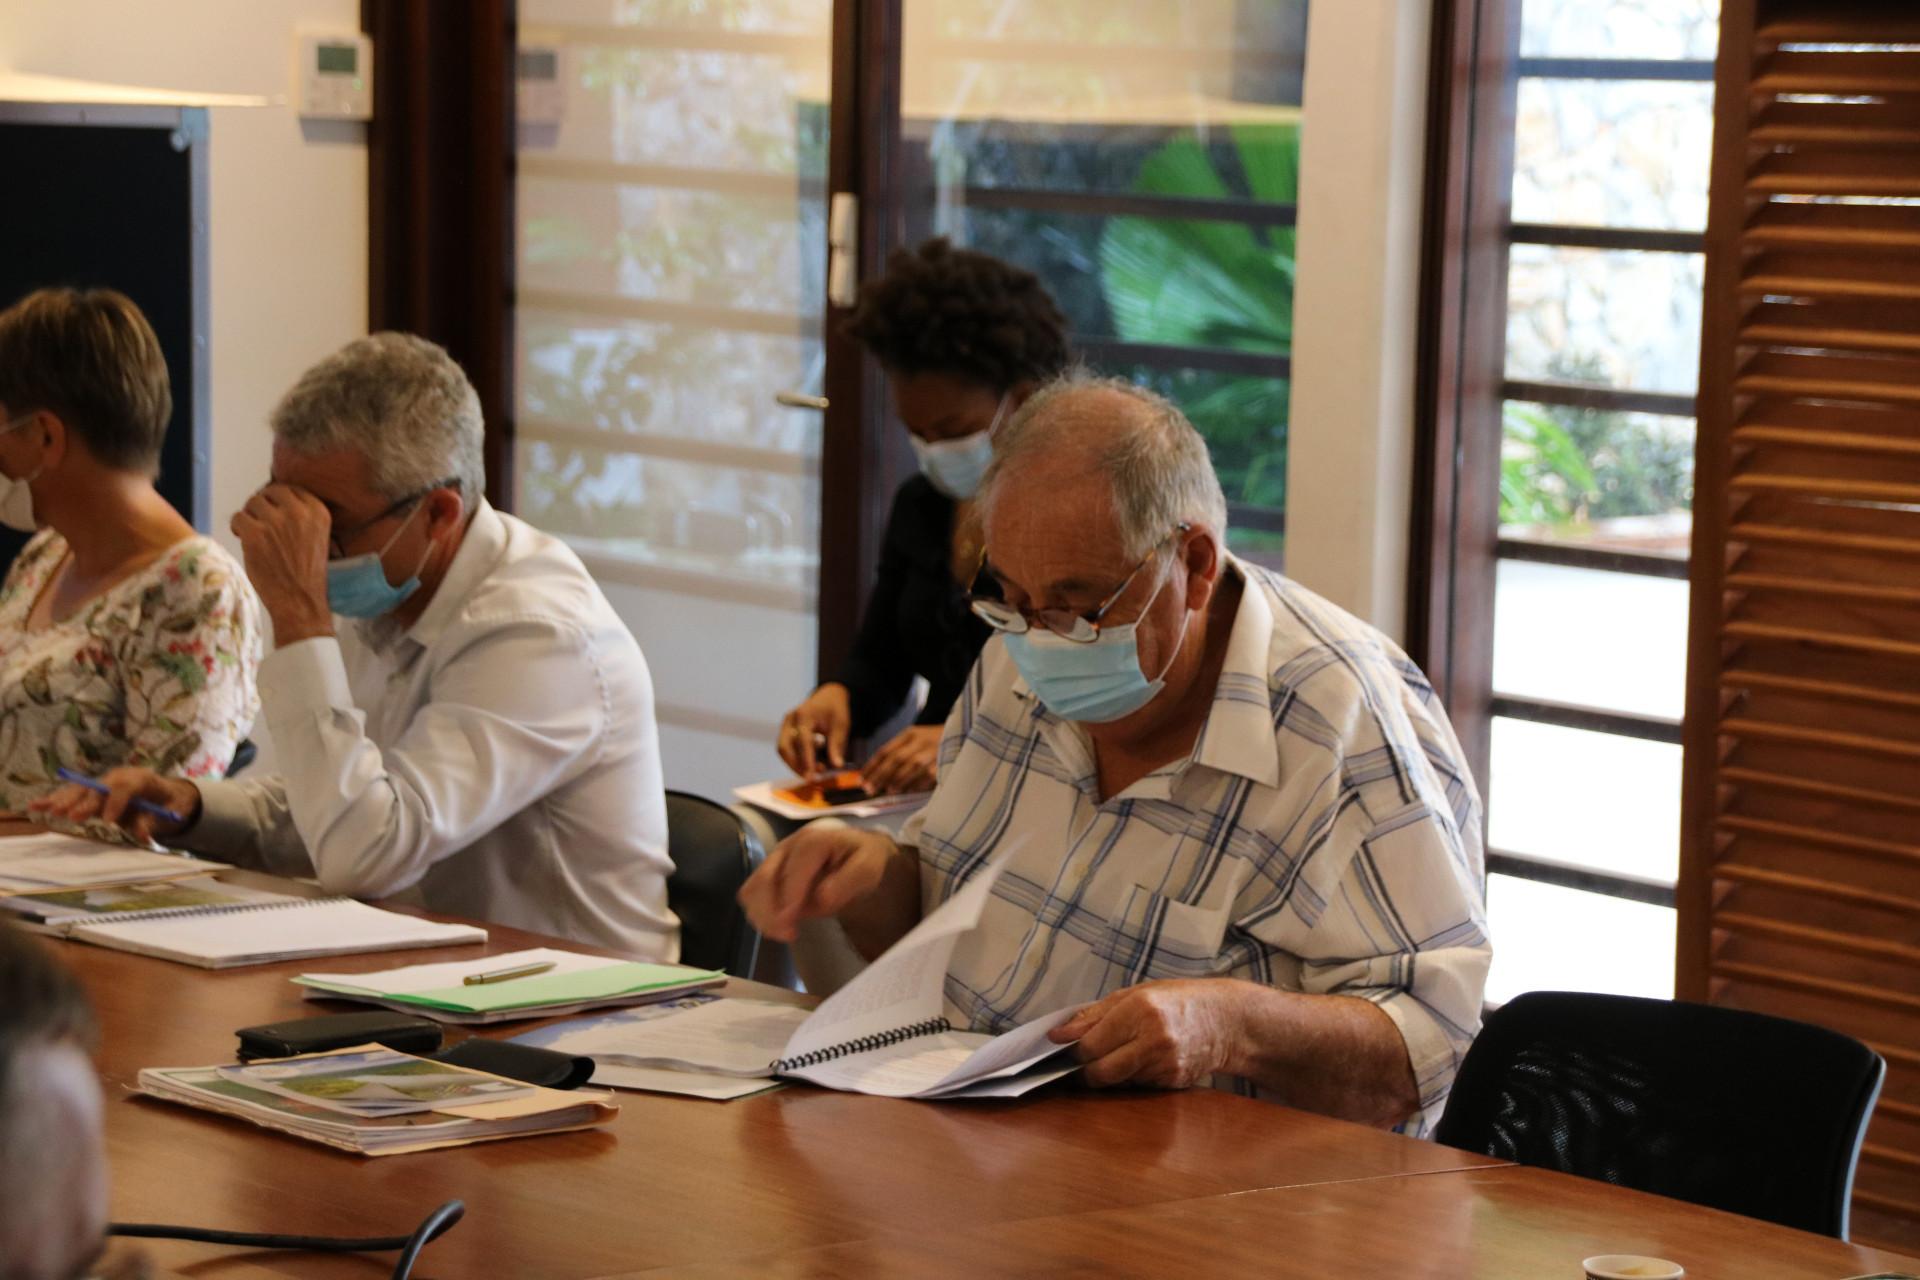 #Aménagement : Les élus abordent les problématiques de Saint-Laurent du Maroni au Conseil d'administration de l'EPFA (l'Établissement Public Foncier et d'Aménagement de la Guyane)